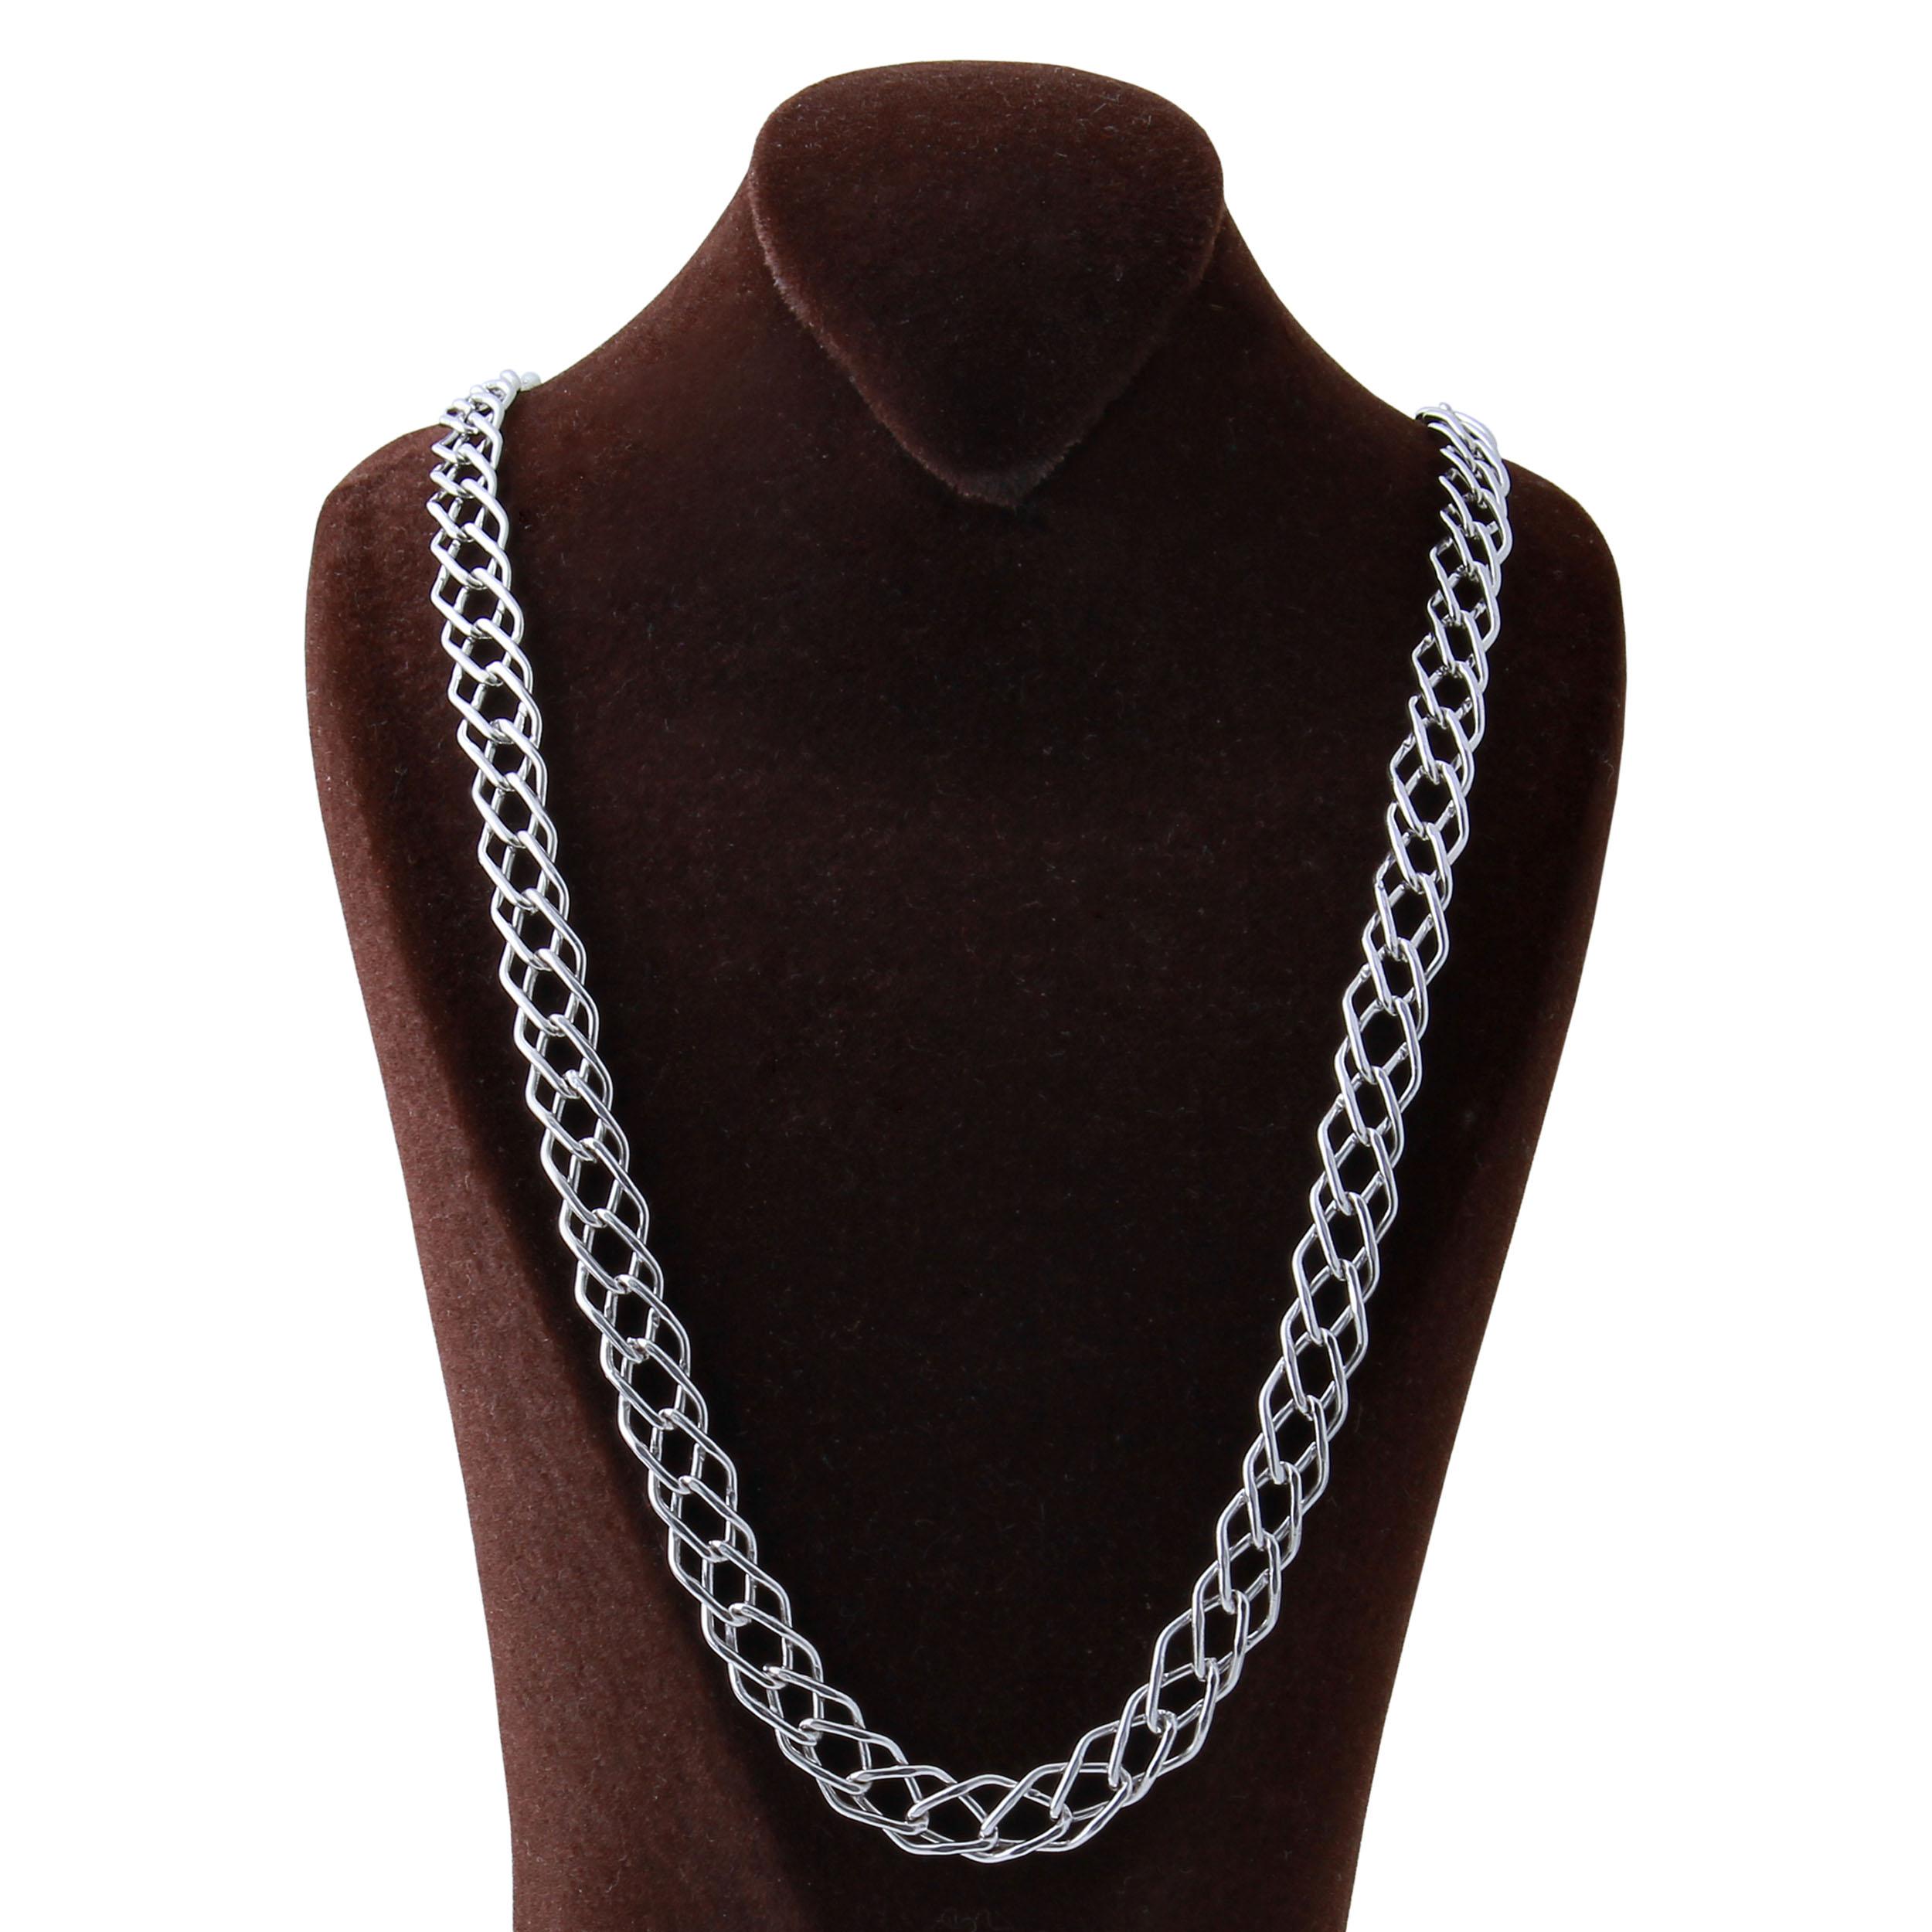 زنجیر نقره مردانه بازرگانی میلادی کد ZR_015